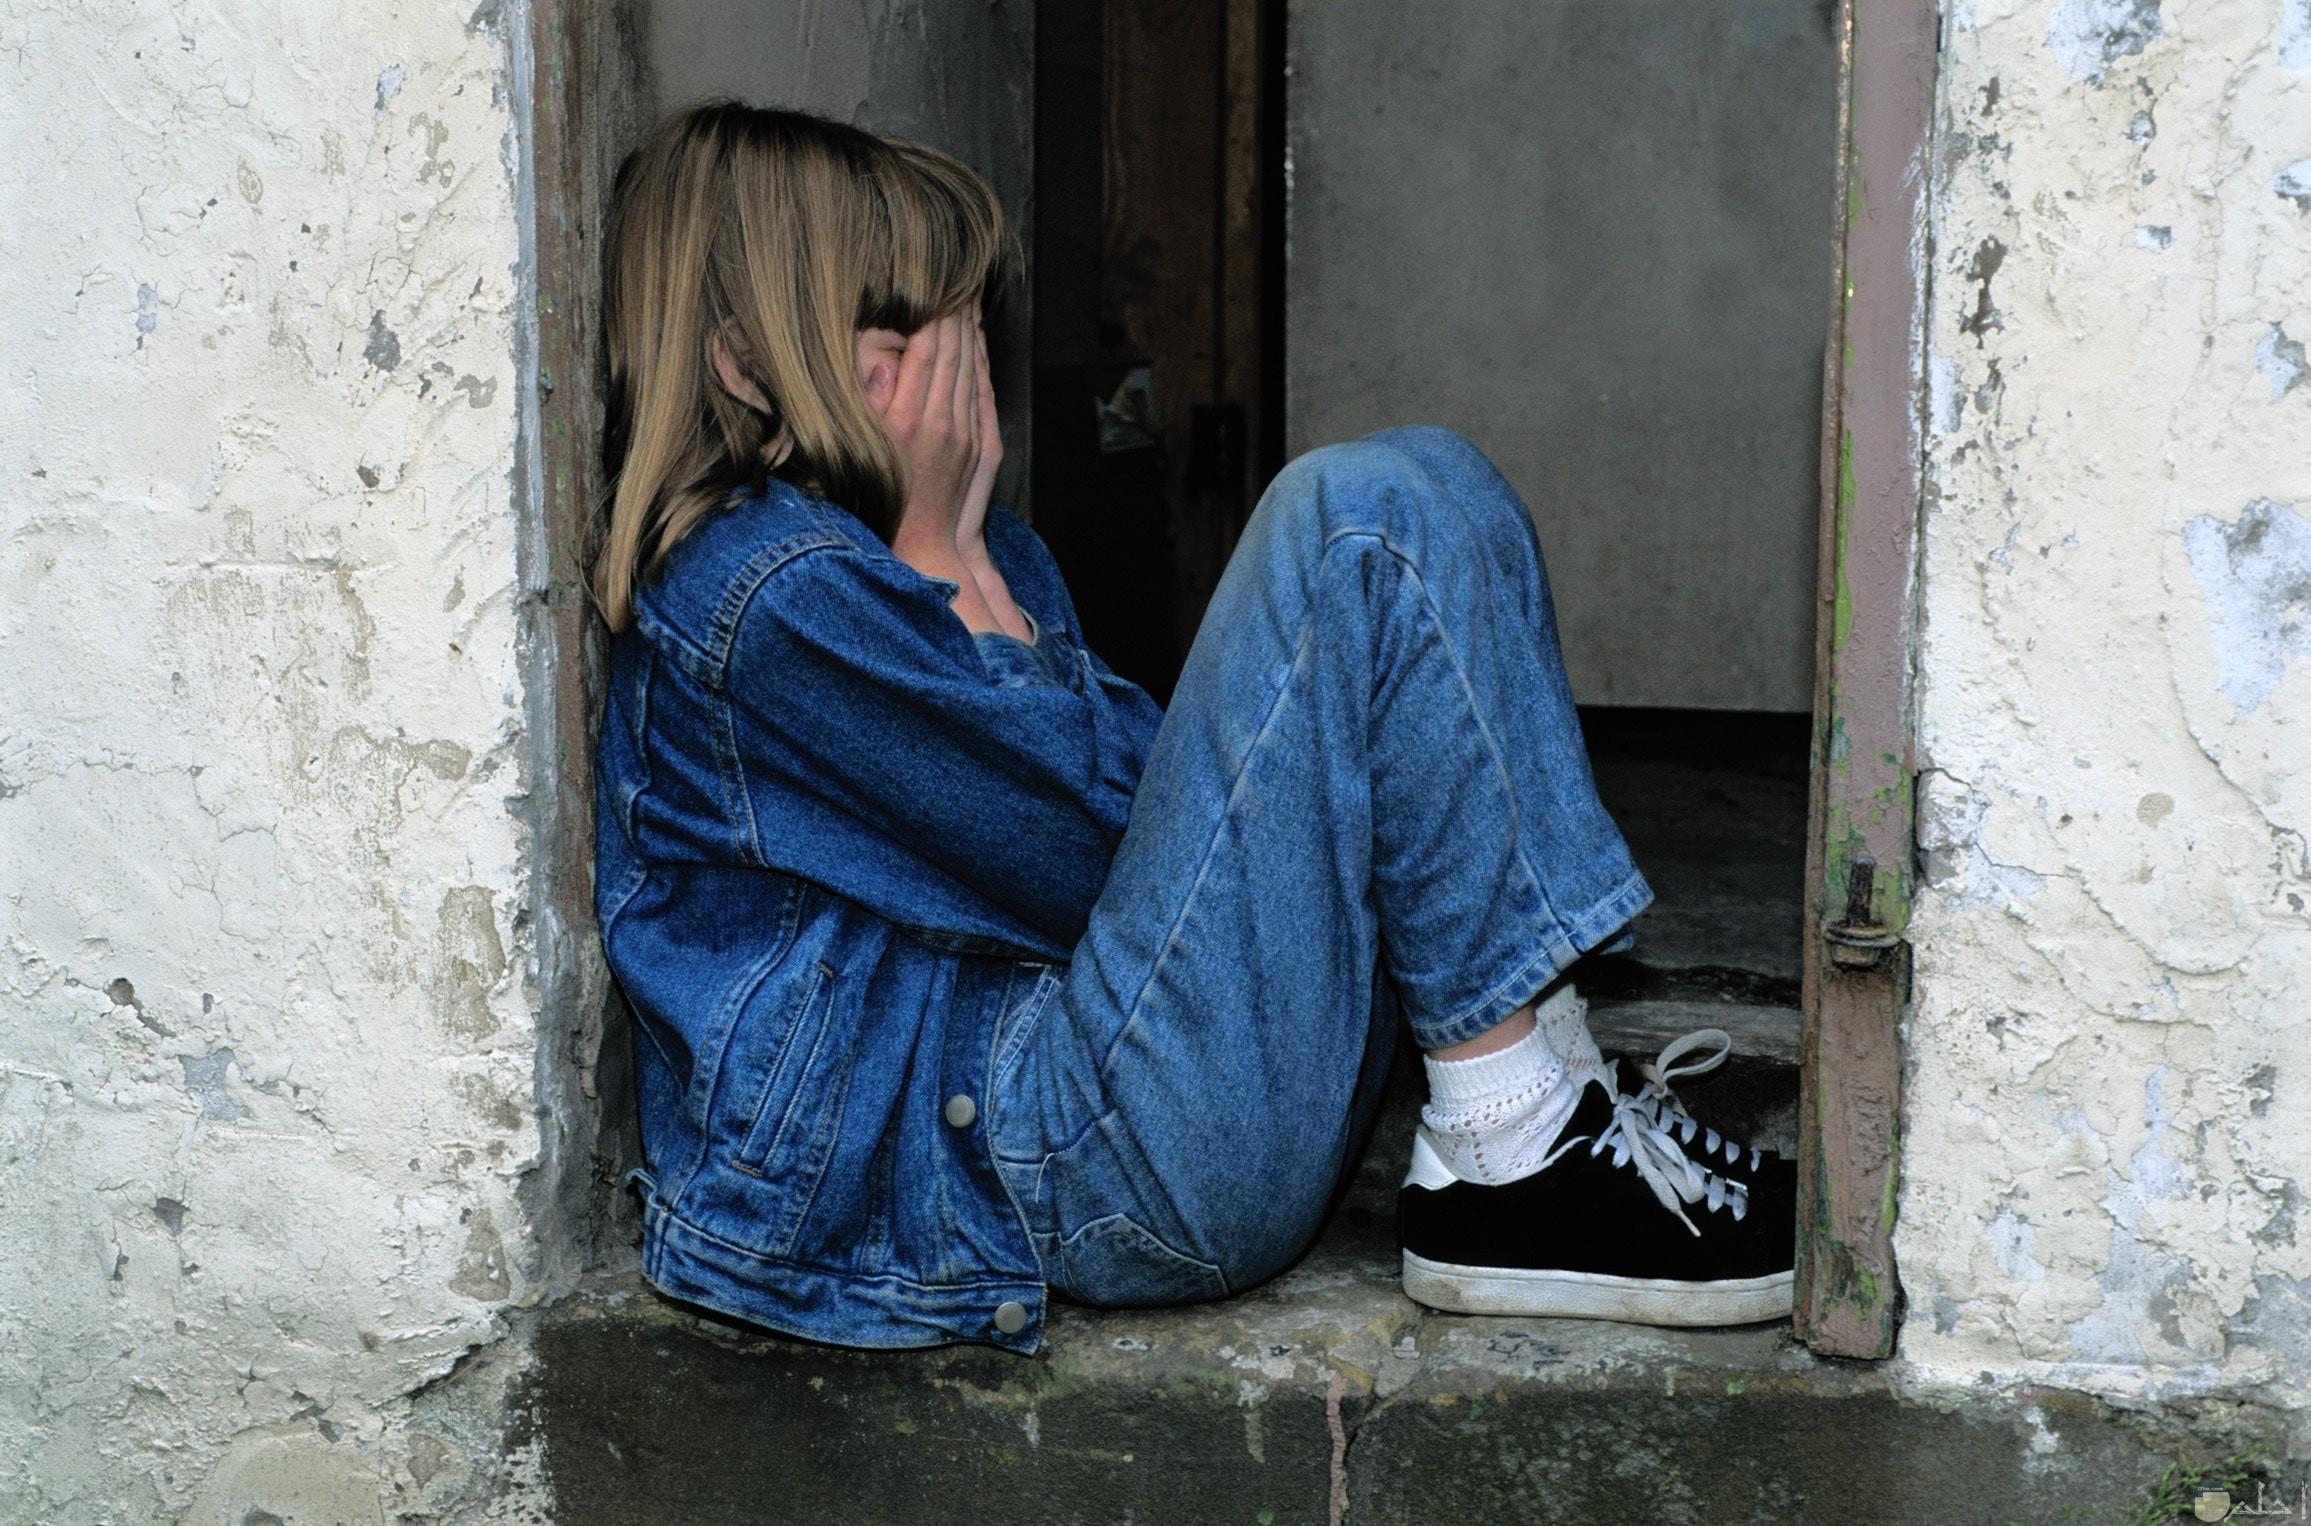 صورة فتاة حزينة ومنهارة